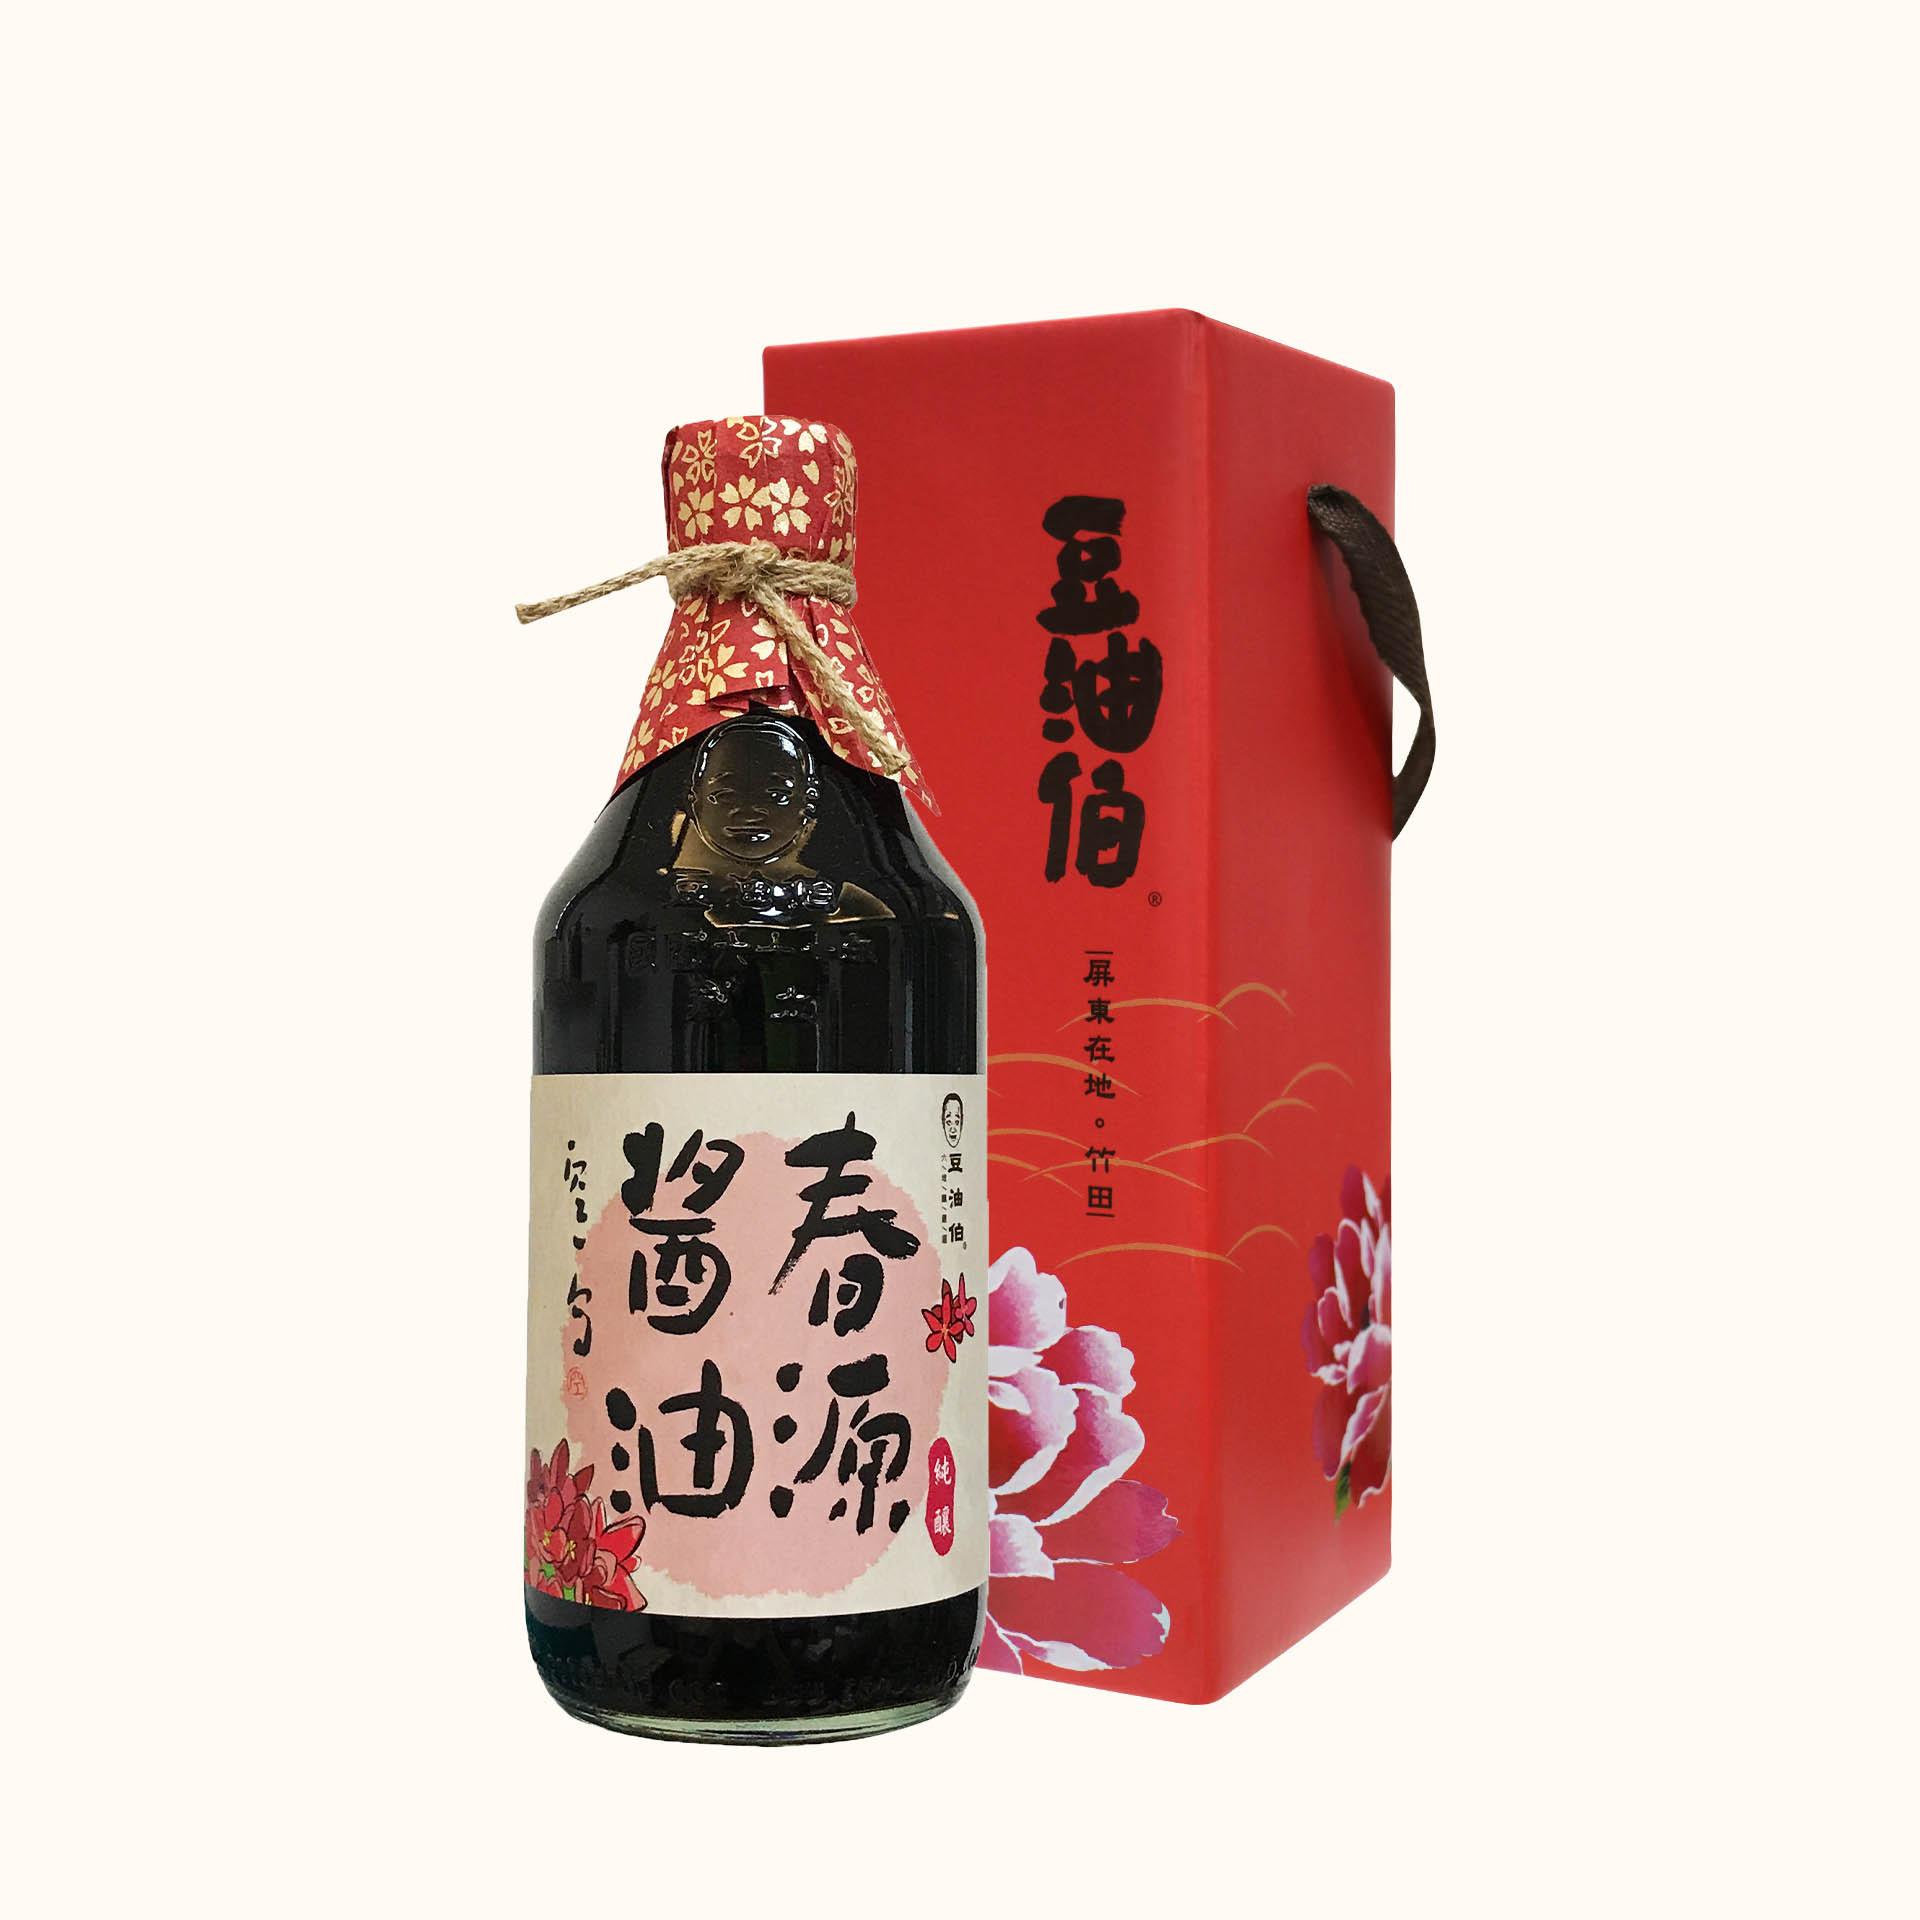 豆油伯春源釀造醬油500ml (黑豆醬油/禮盒)